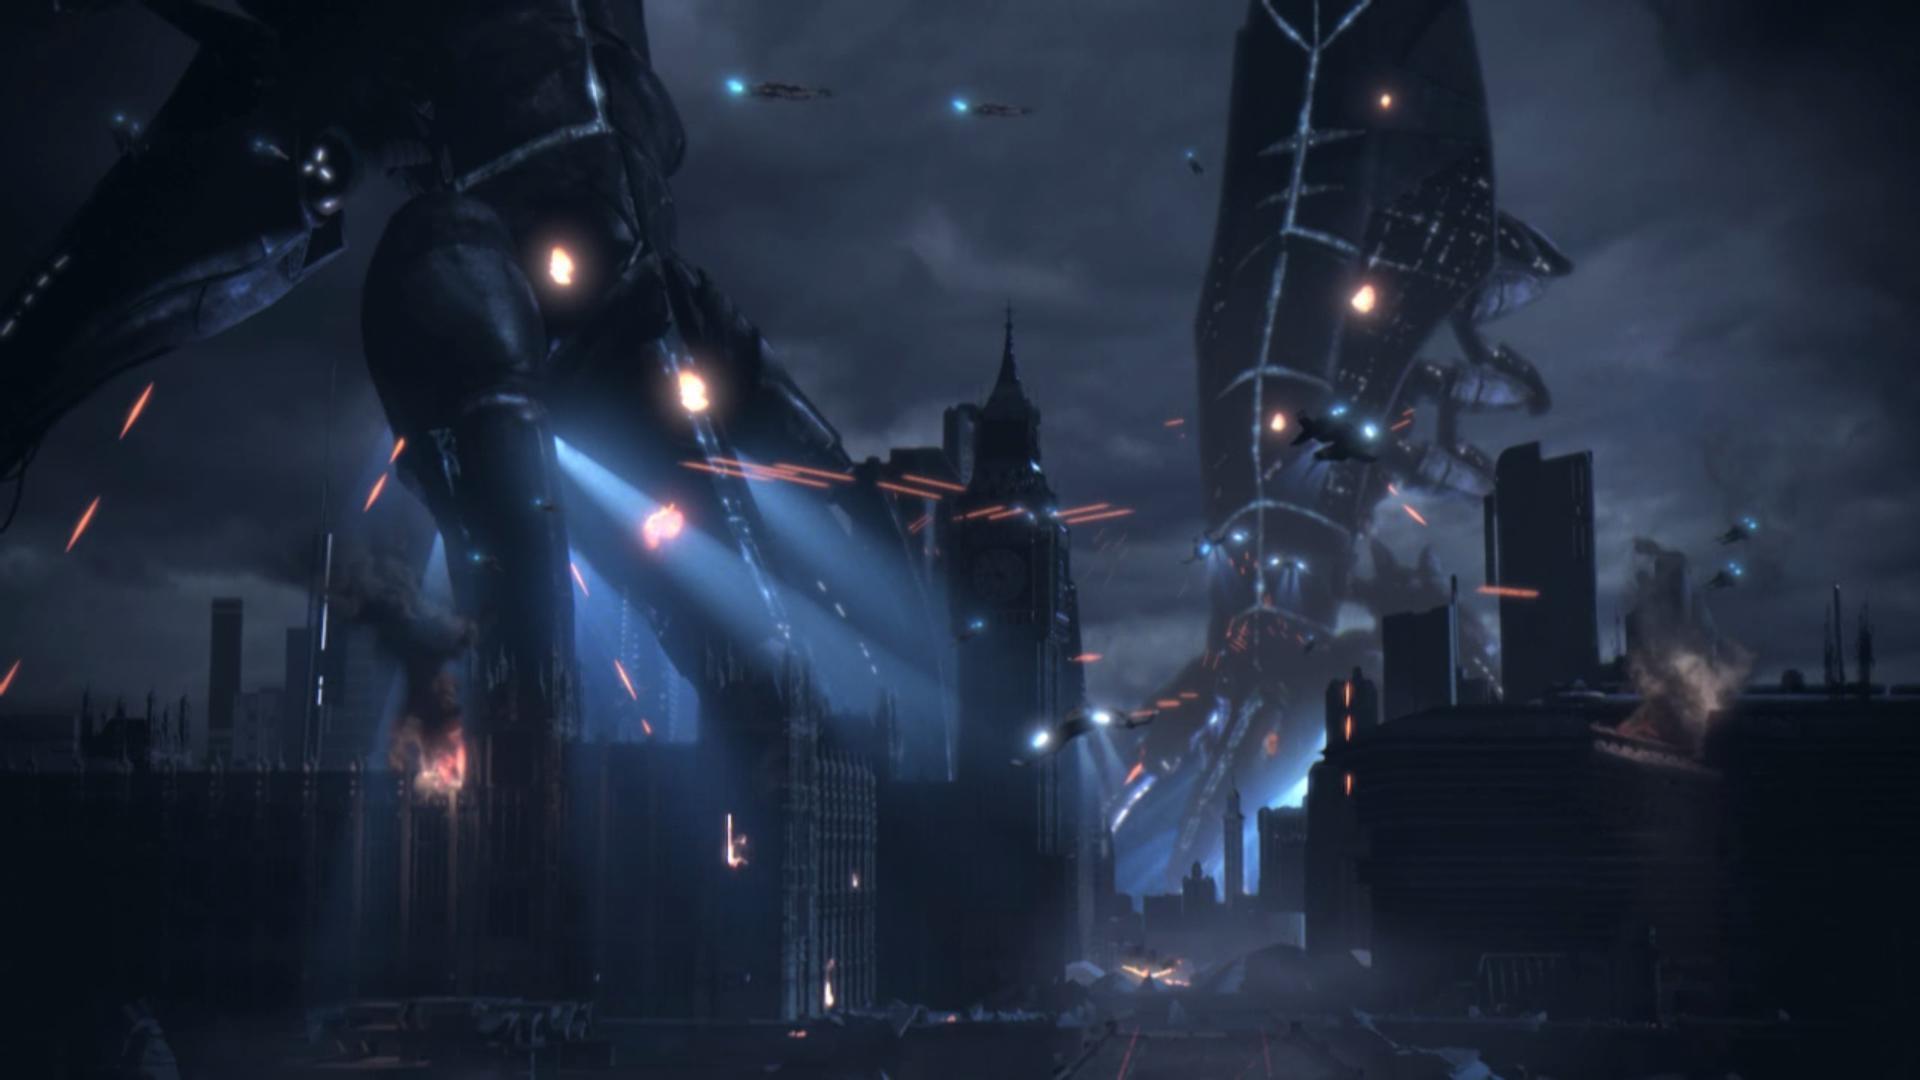 Mass Effect 3 Wallpaper: Mass Effect 3 Desktop Backgrounds